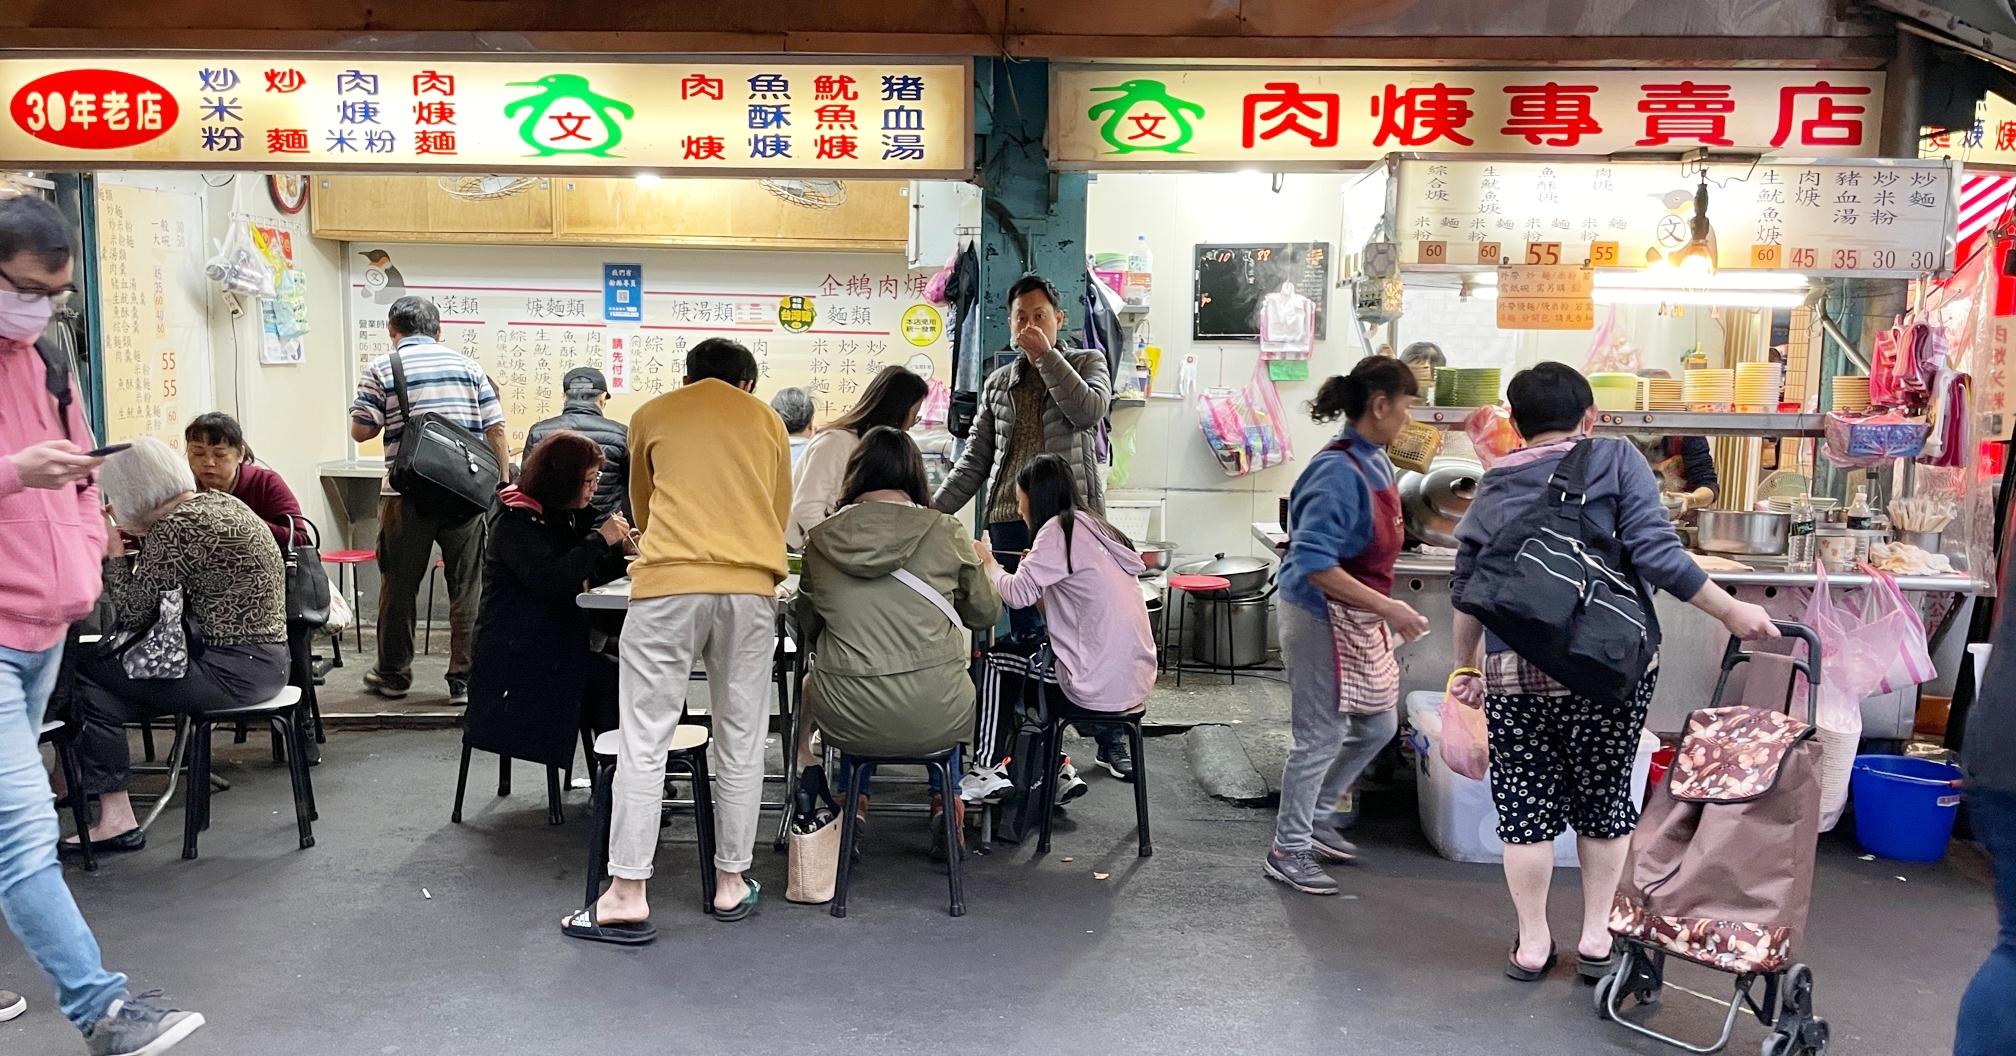 今日熱門文章:【雙連美食】企鵝文肉羹店,30年台北肉羹老店(菜單)